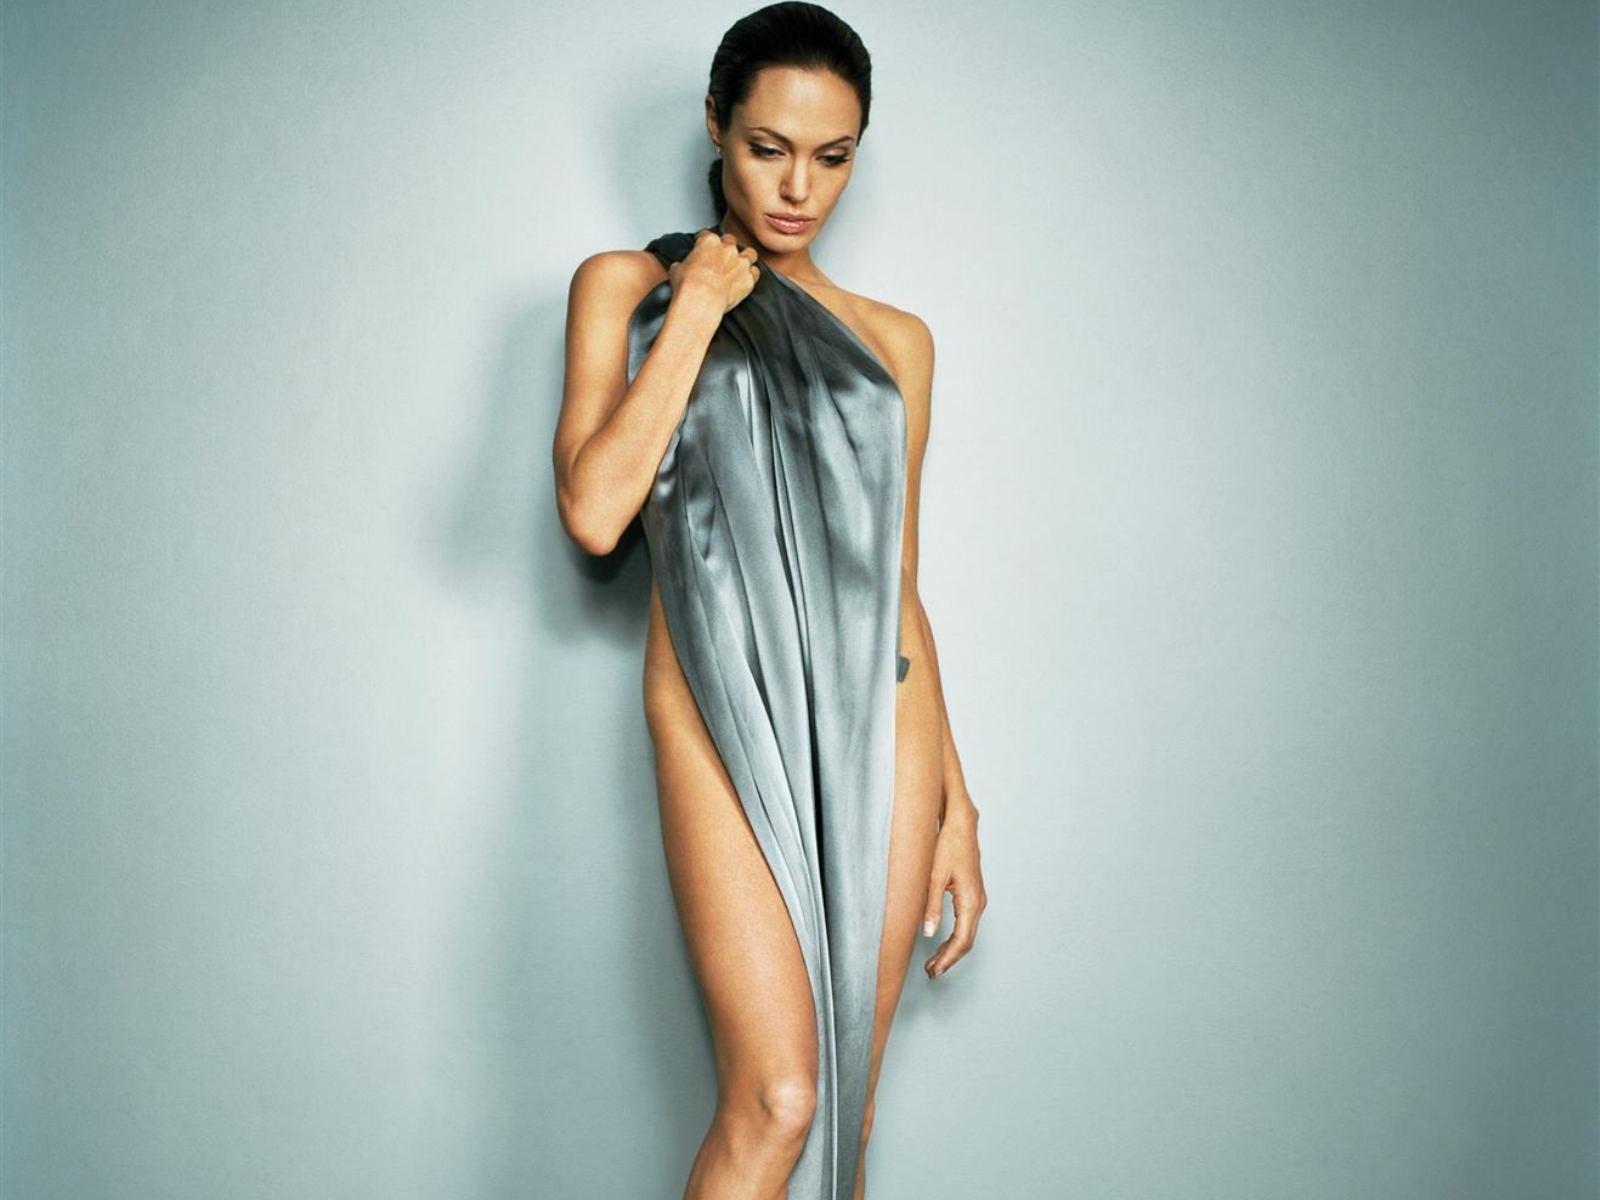 Диета Анджелины Джоли секреты стройности